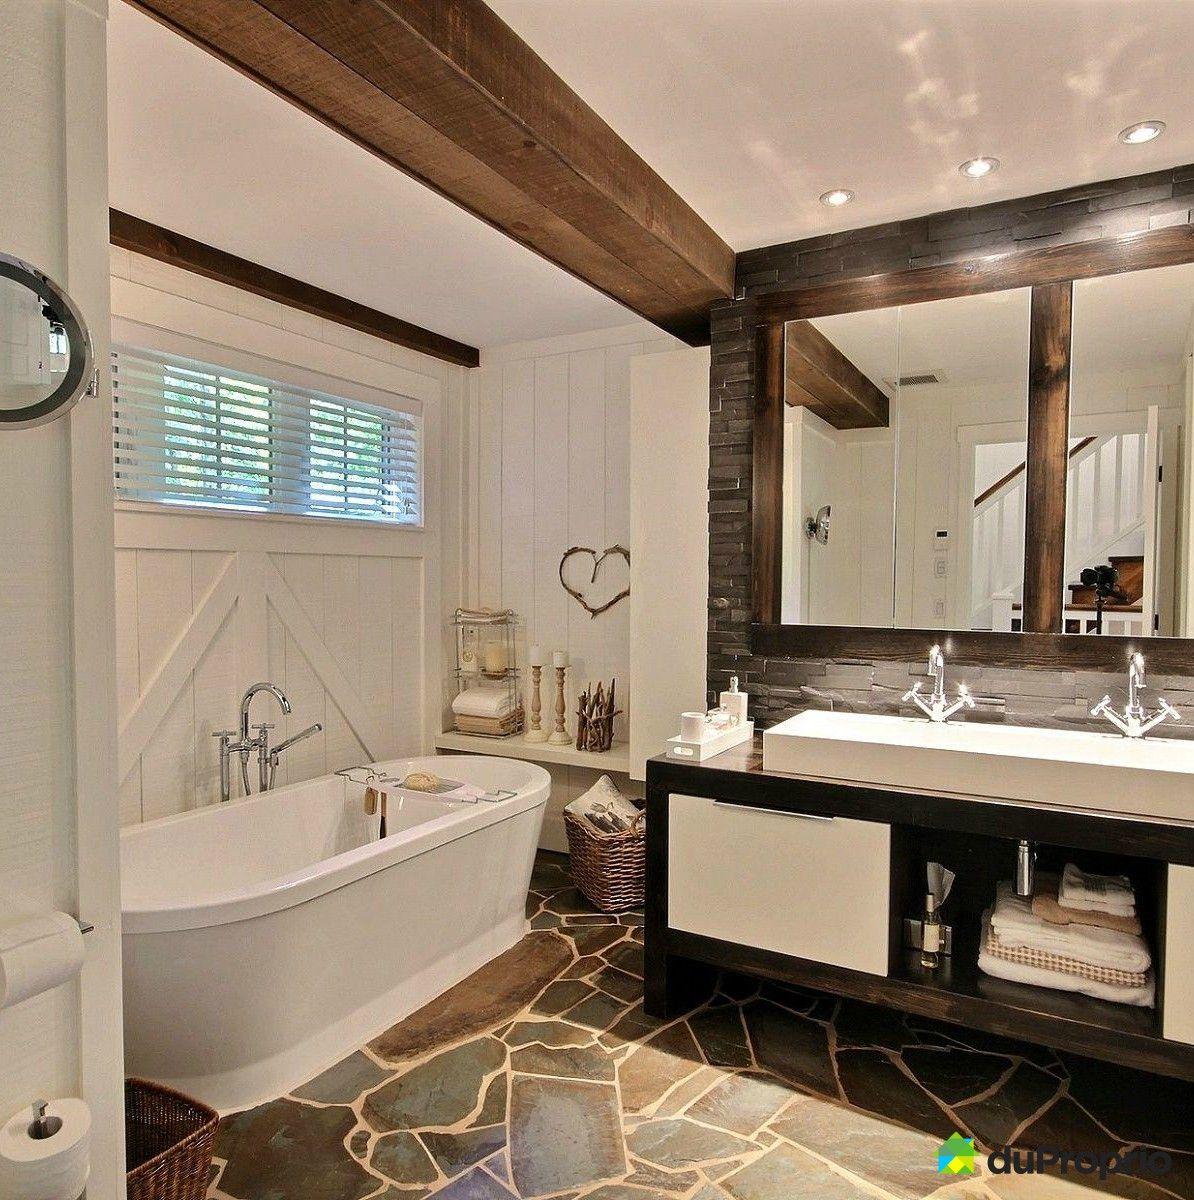 salle de bain de r ve cette salle de bain rustique est. Black Bedroom Furniture Sets. Home Design Ideas